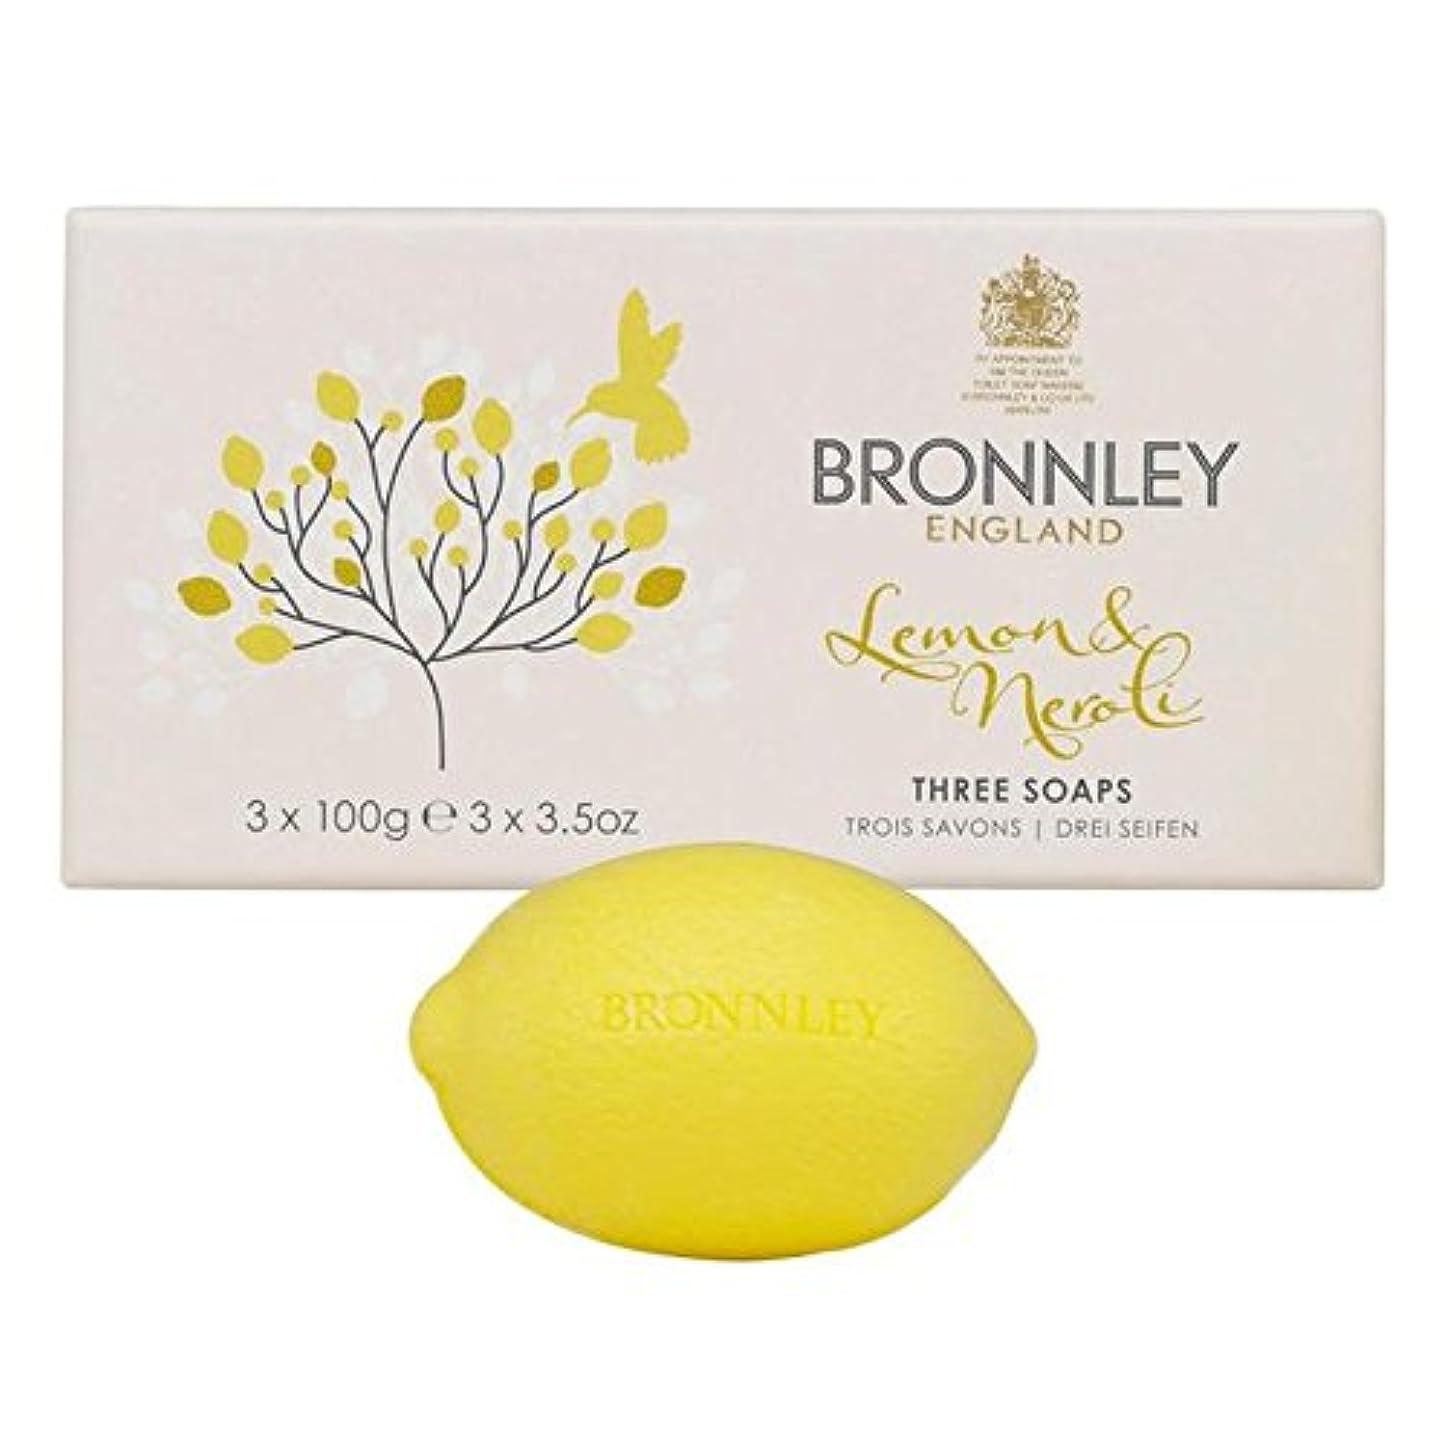 隣接するれんがたまにレモン&ネロリ石鹸3×100グラム x2 - Bronnley Lemon & Neroli Soaps 3 x 100g (Pack of 2) [並行輸入品]